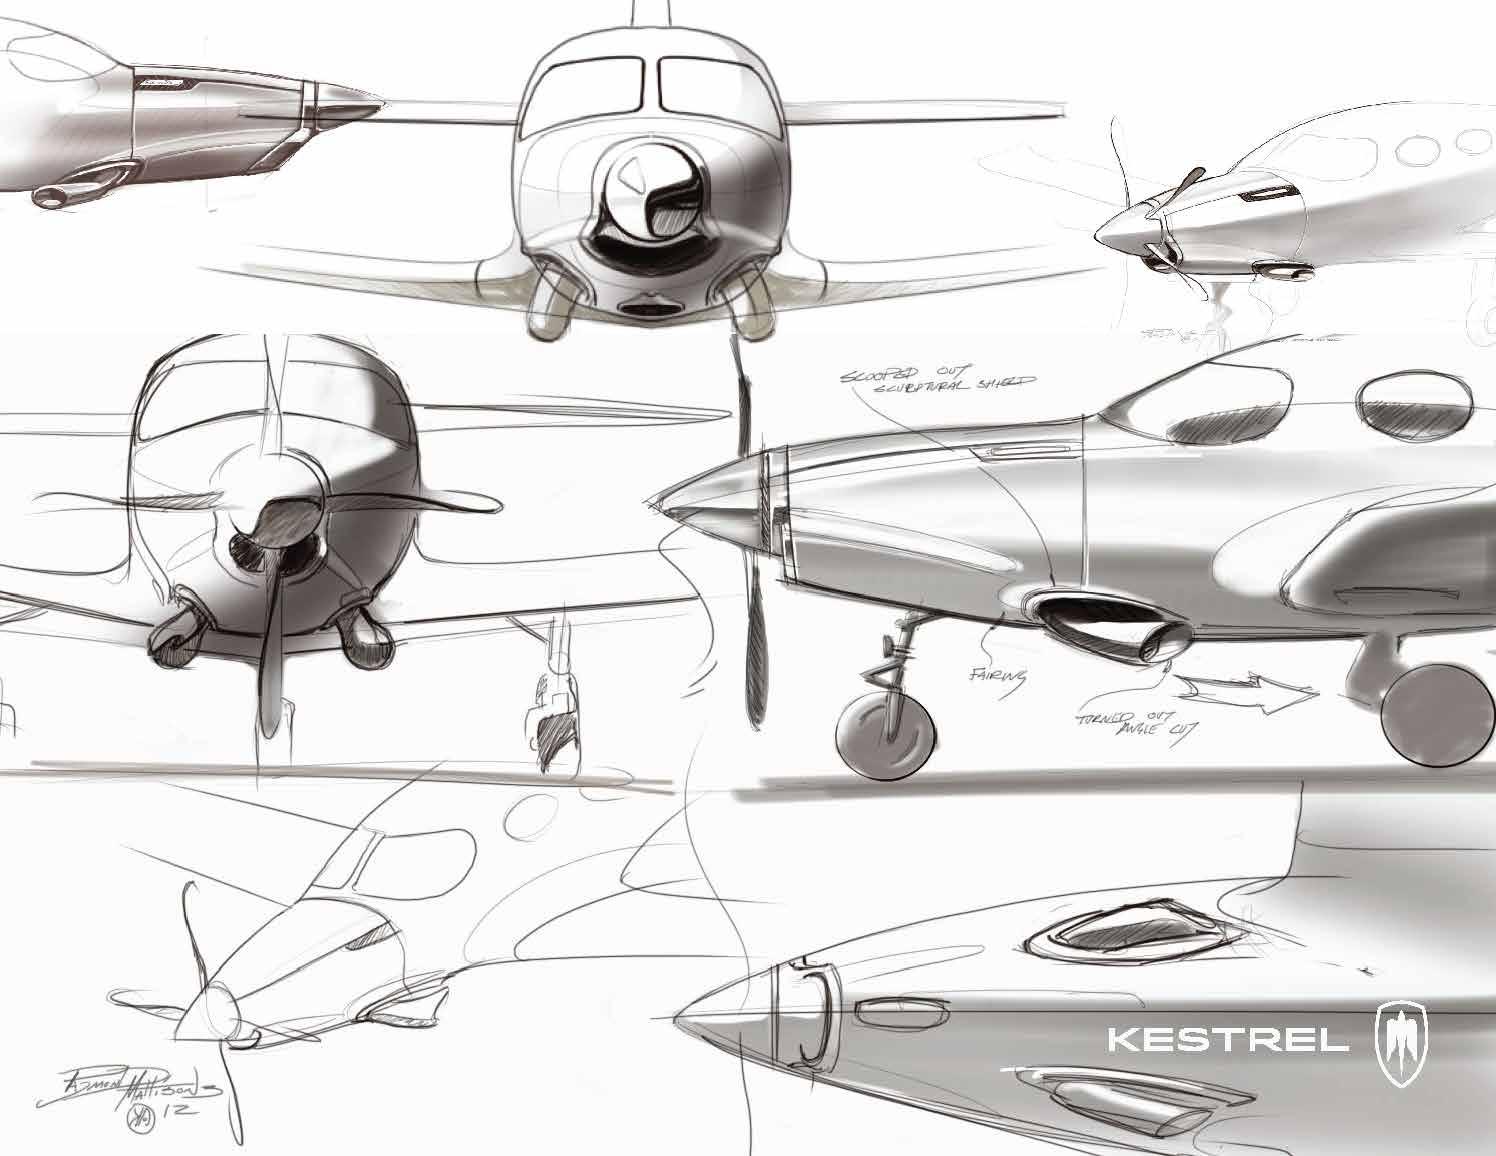 Kestrel K350 nose styling